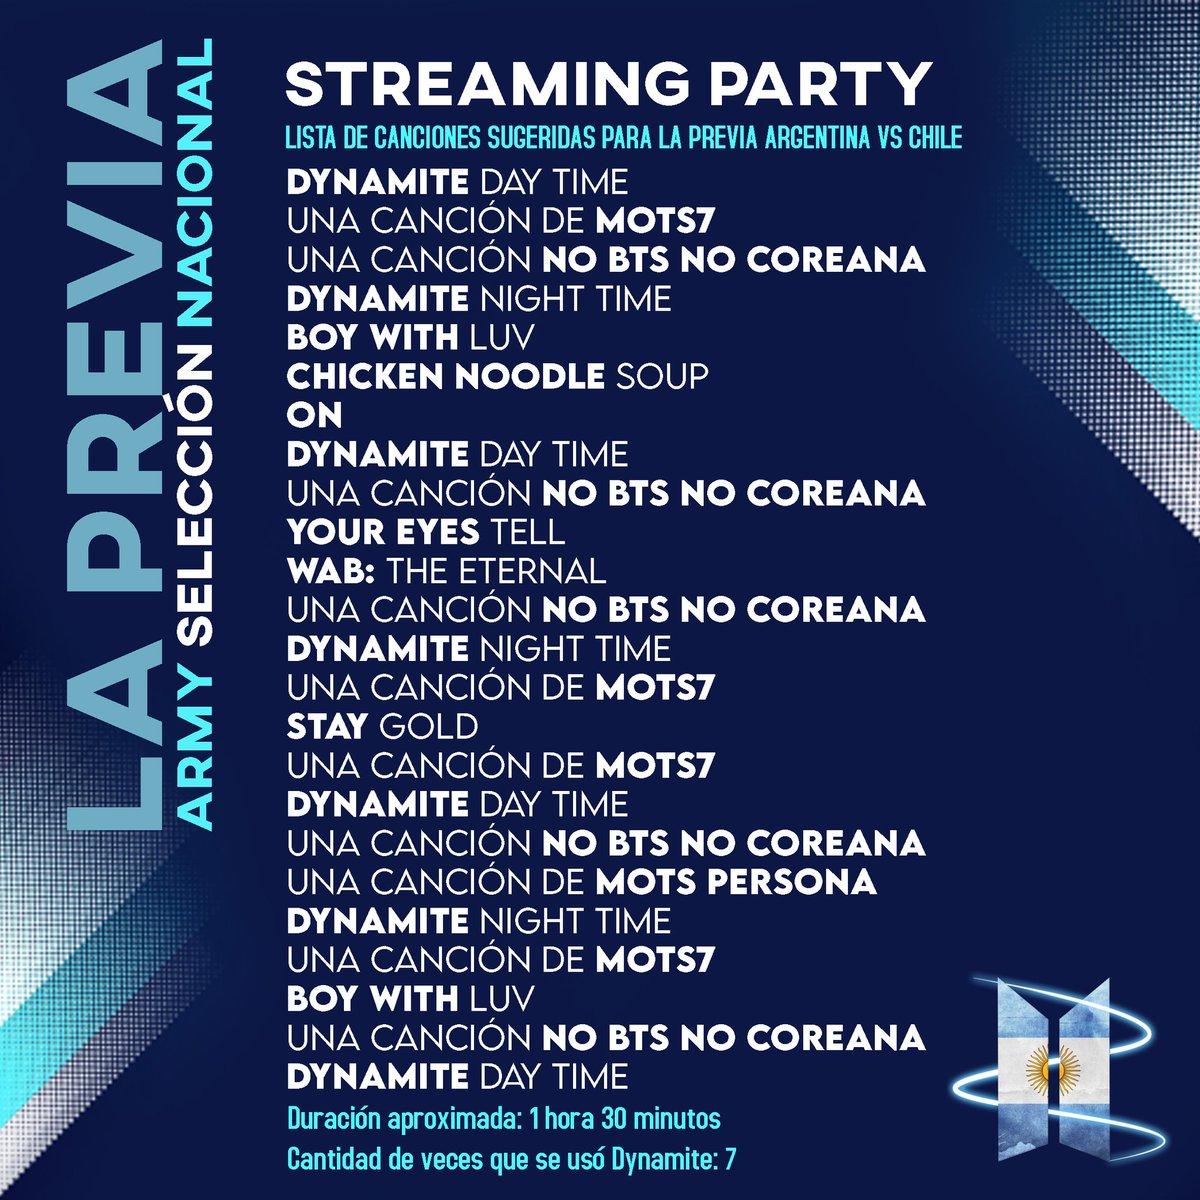 [Argentina vs Chile #LAPREVIA]              🇦🇷vs🇨🇱  Mañana nos jugamos la copa Dynamérica con Chile, vamos a calentar los motores desde ahora con una streaming party 🗣🗣🗣  Tenés alguna playlist especial para mañana? Comentá o manda sus SS! @BTS_twt https://t.co/9v4Jrtj43A